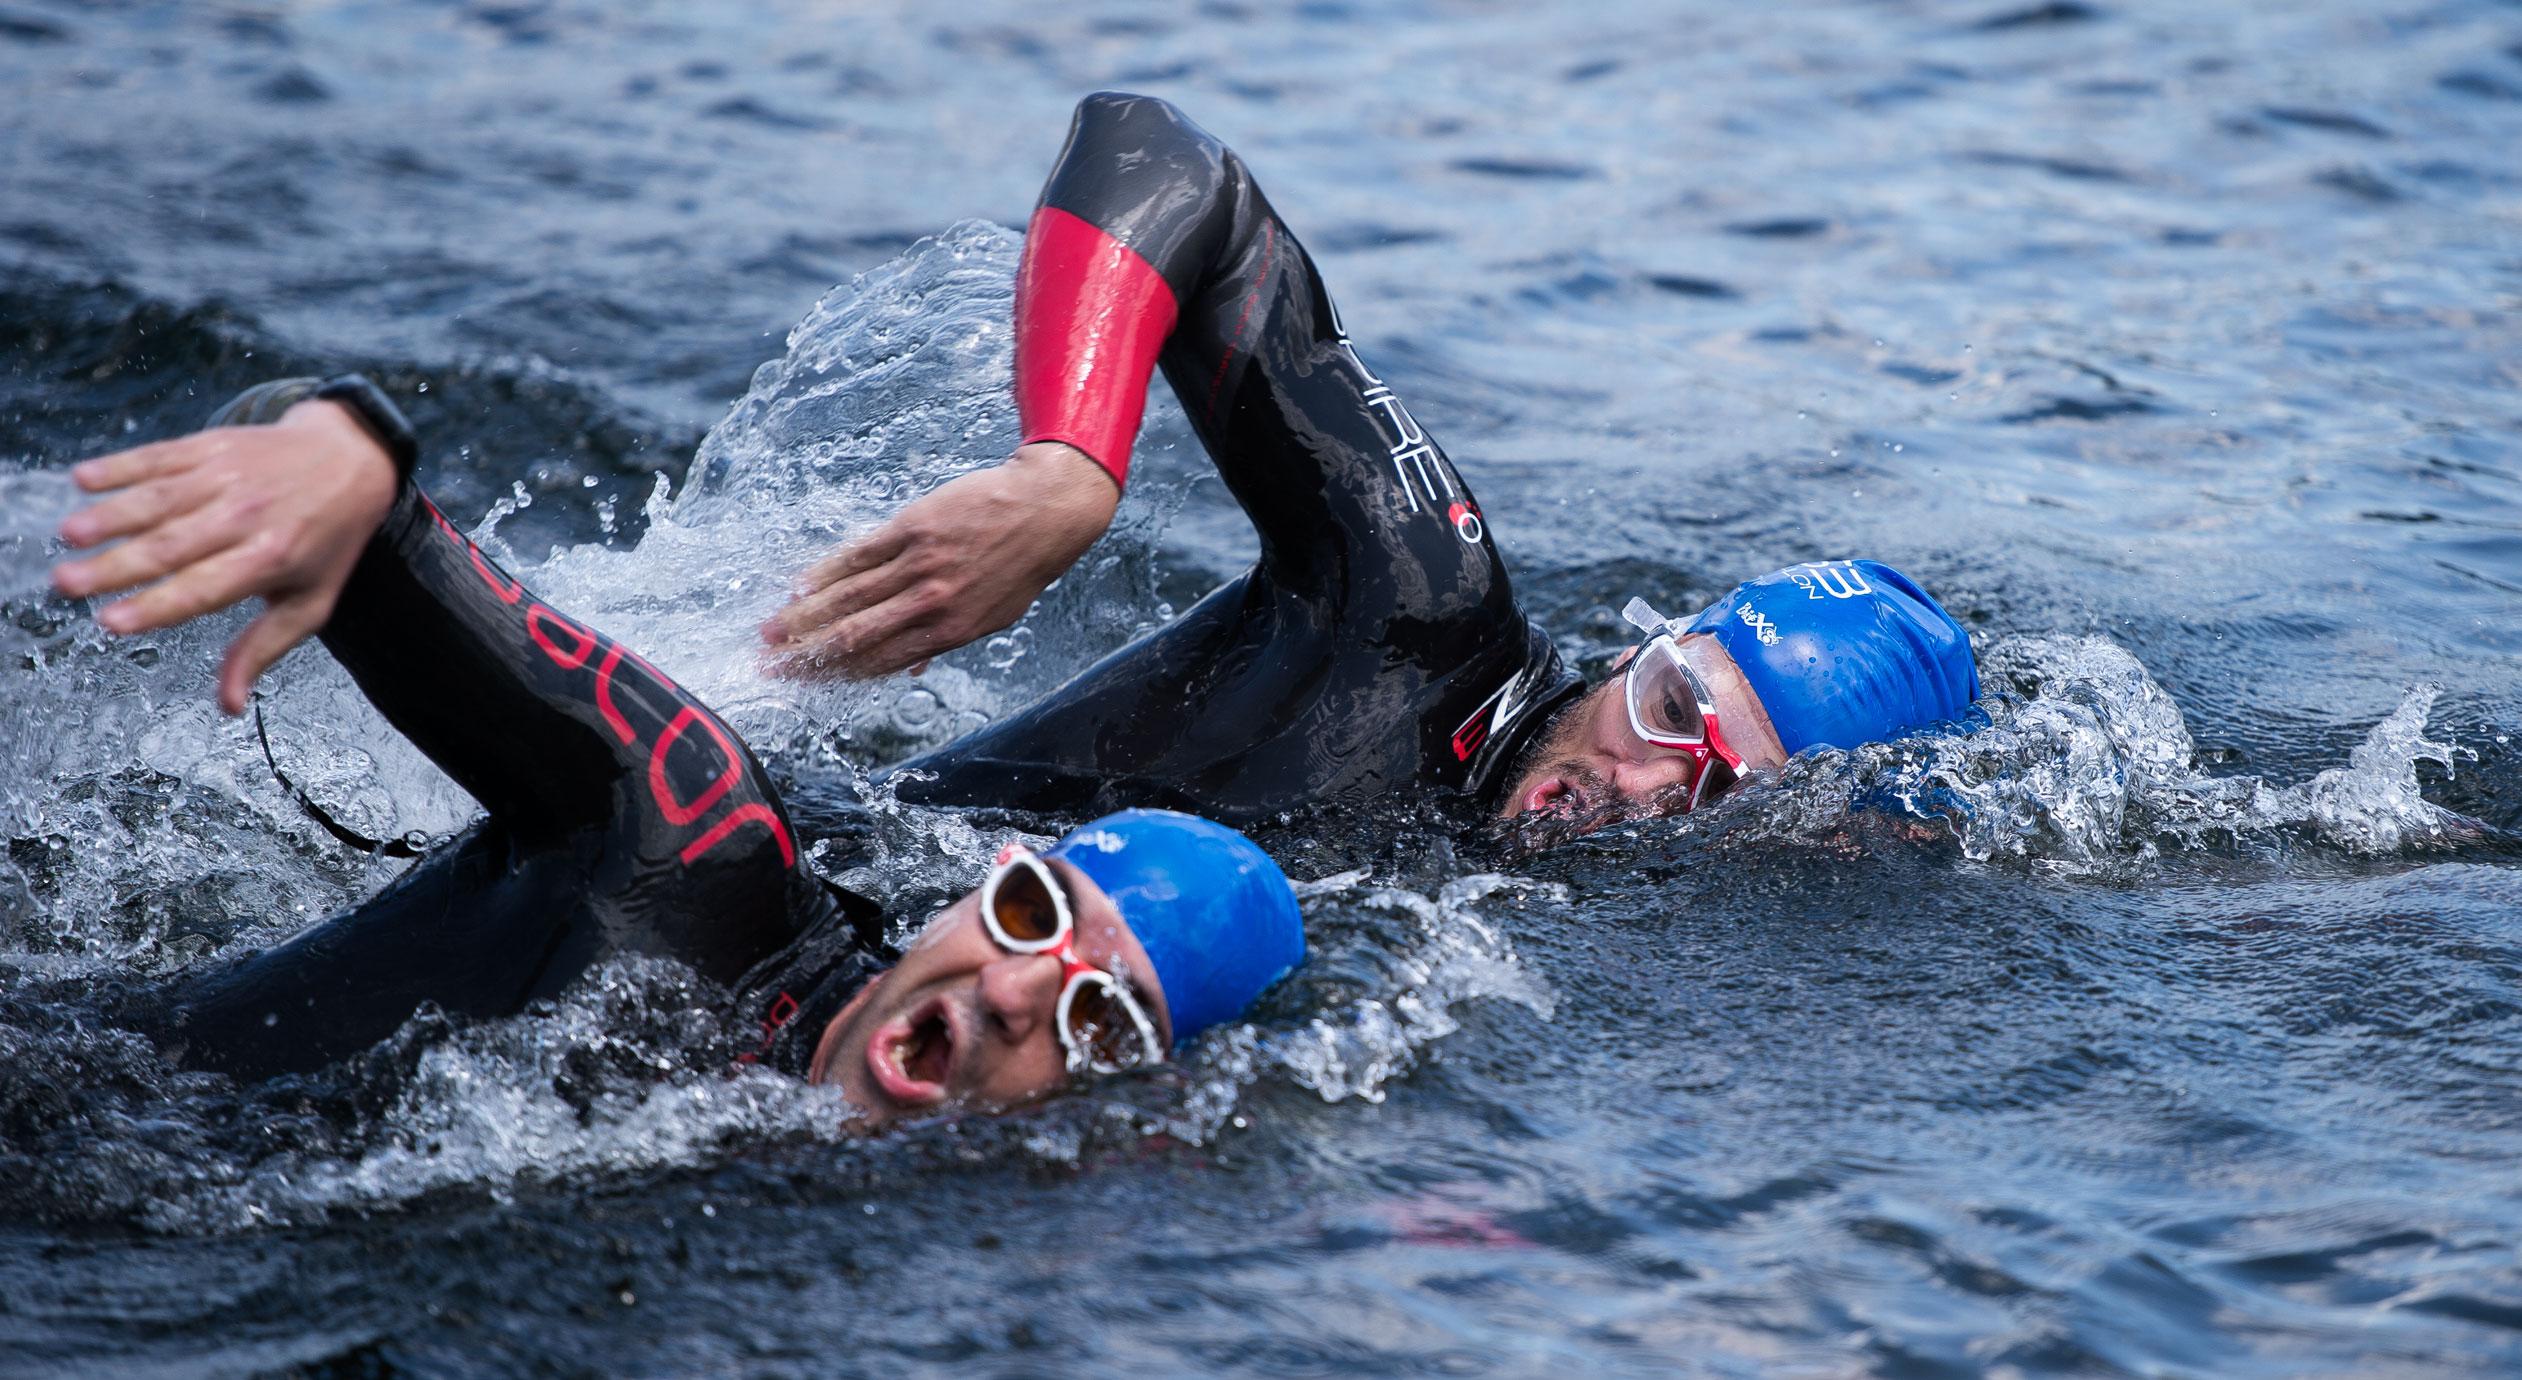 us3-triathlon-team-burguillo-3